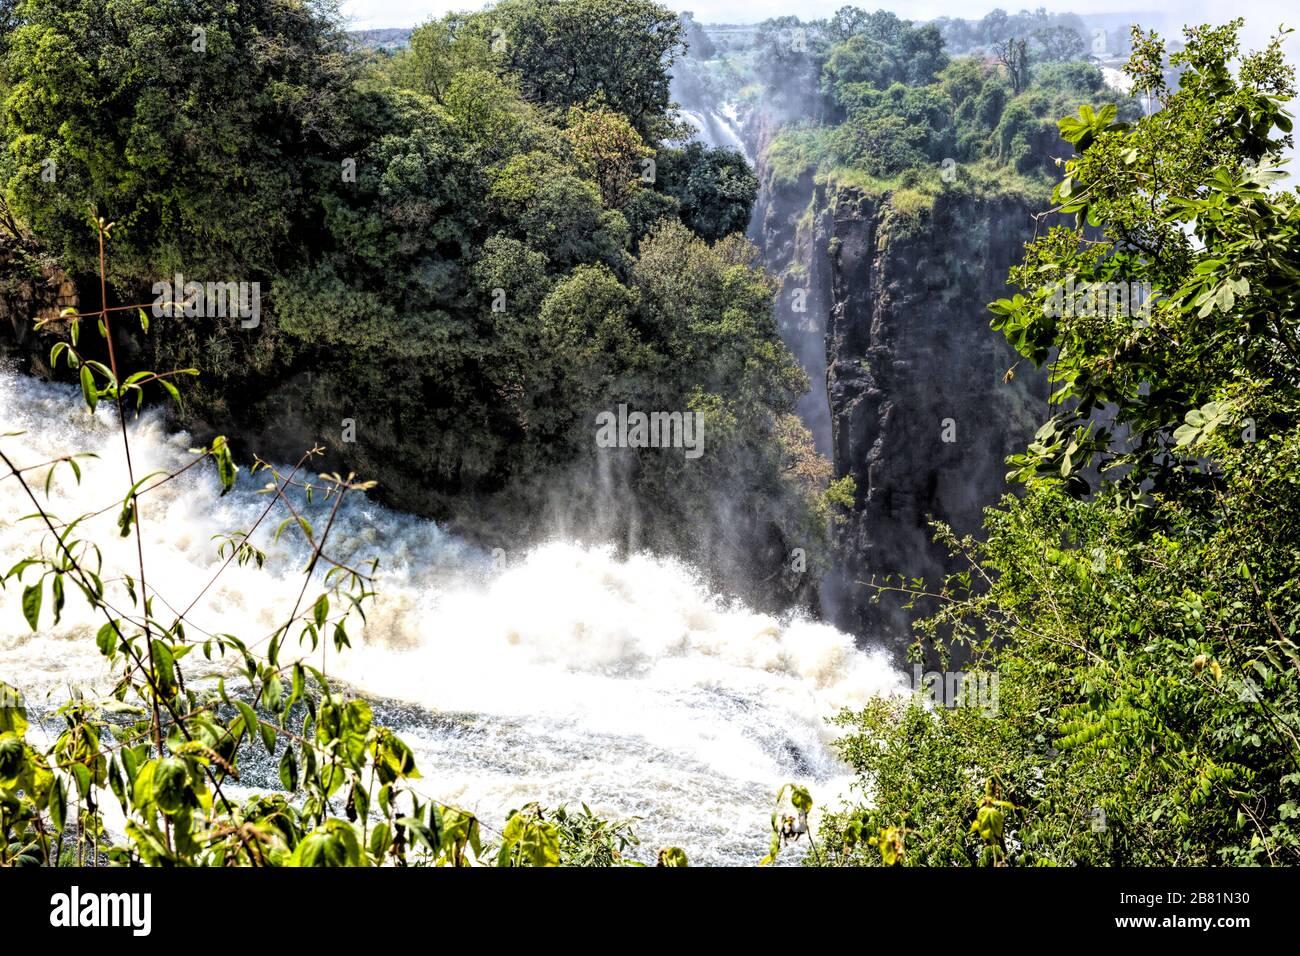 Der Teufelskatarakt, der tiefste Teil der majestätischen Victoria Falls, ist im April am Ende der Regenzeit voll in Aktion Stockfoto